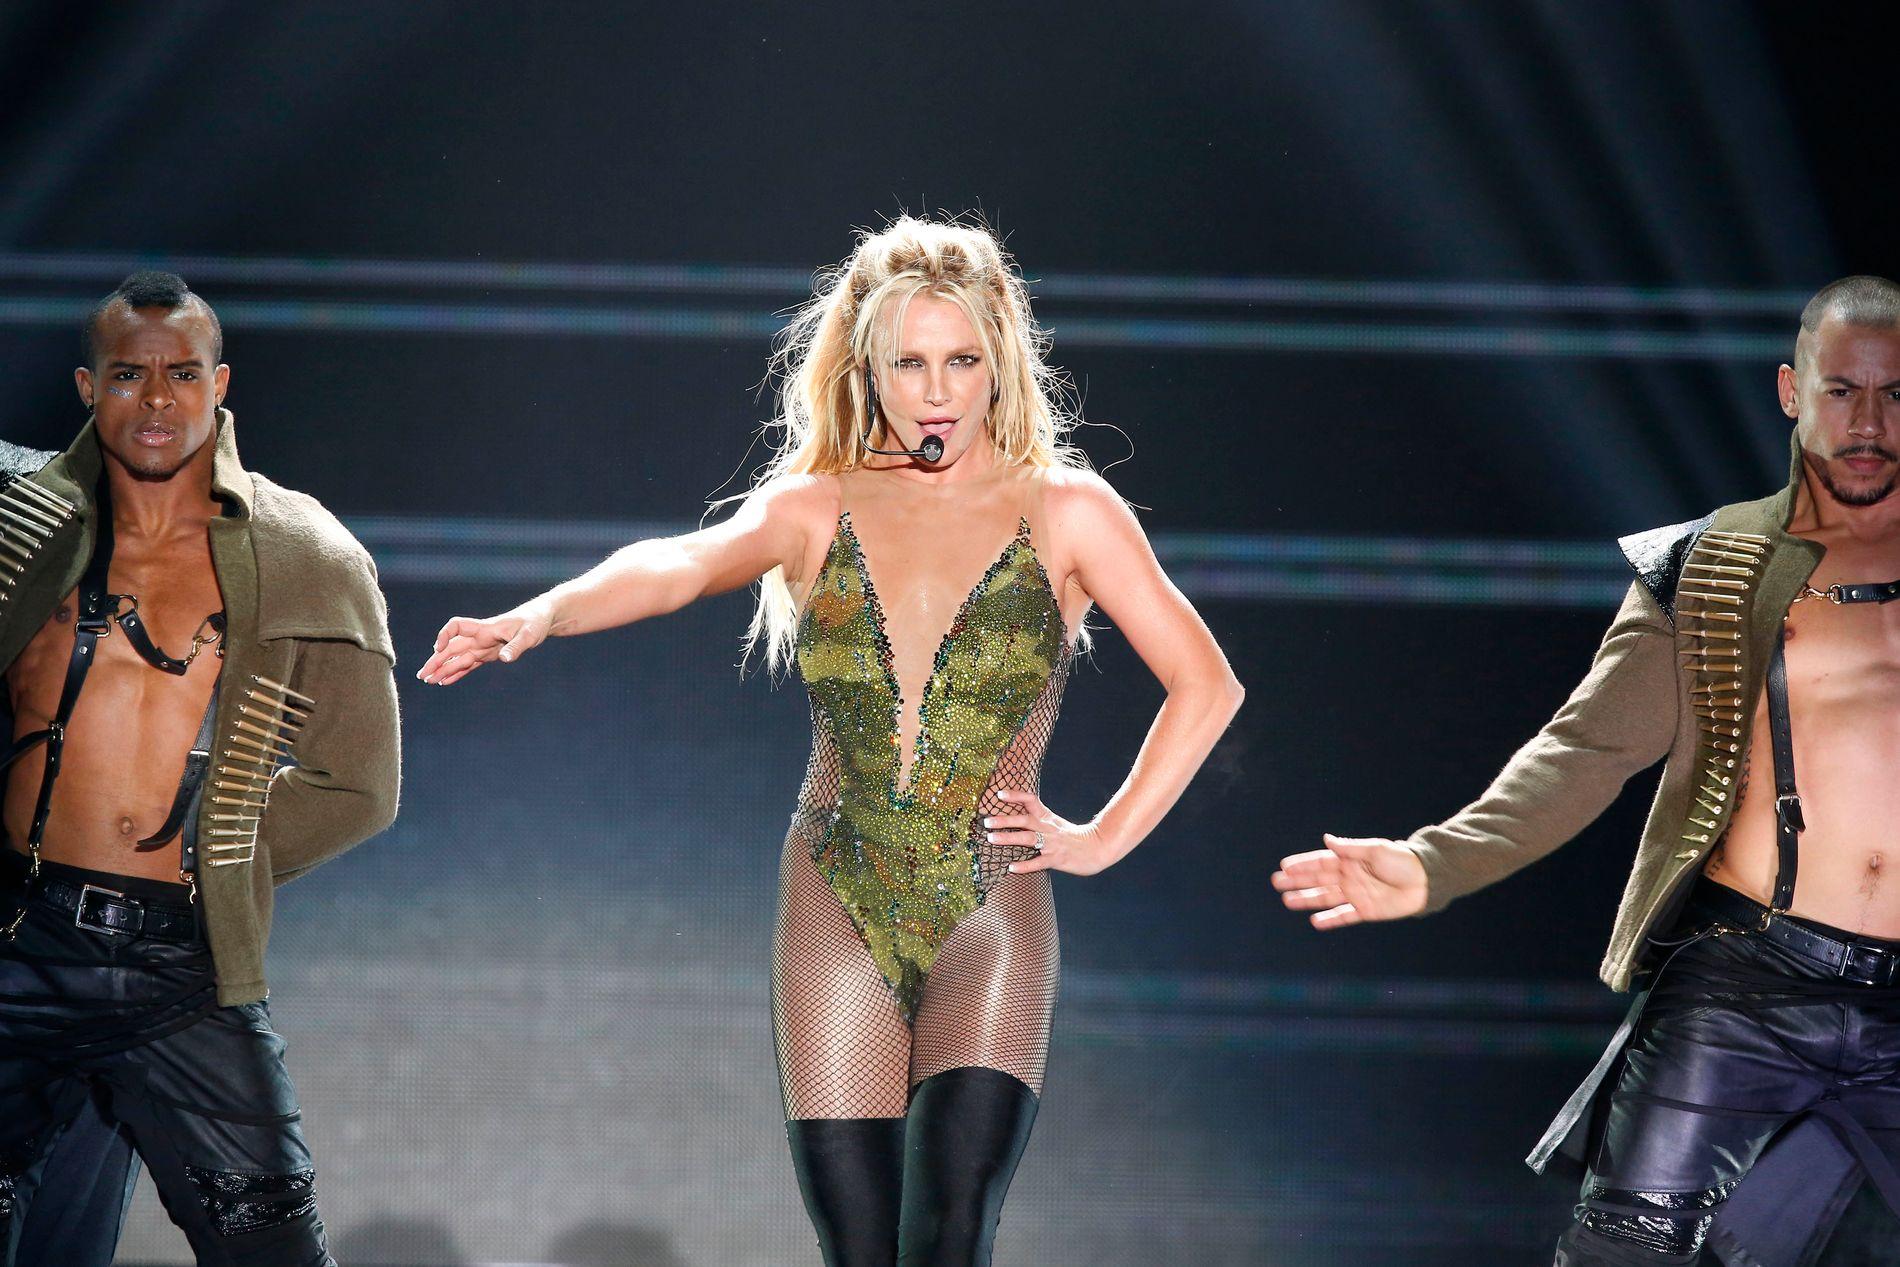 BESKYLDES FOR JUKS: Britney Spears under konserten i Tokyo 3. juni, der hun ble beskyldt for å mime til playback.